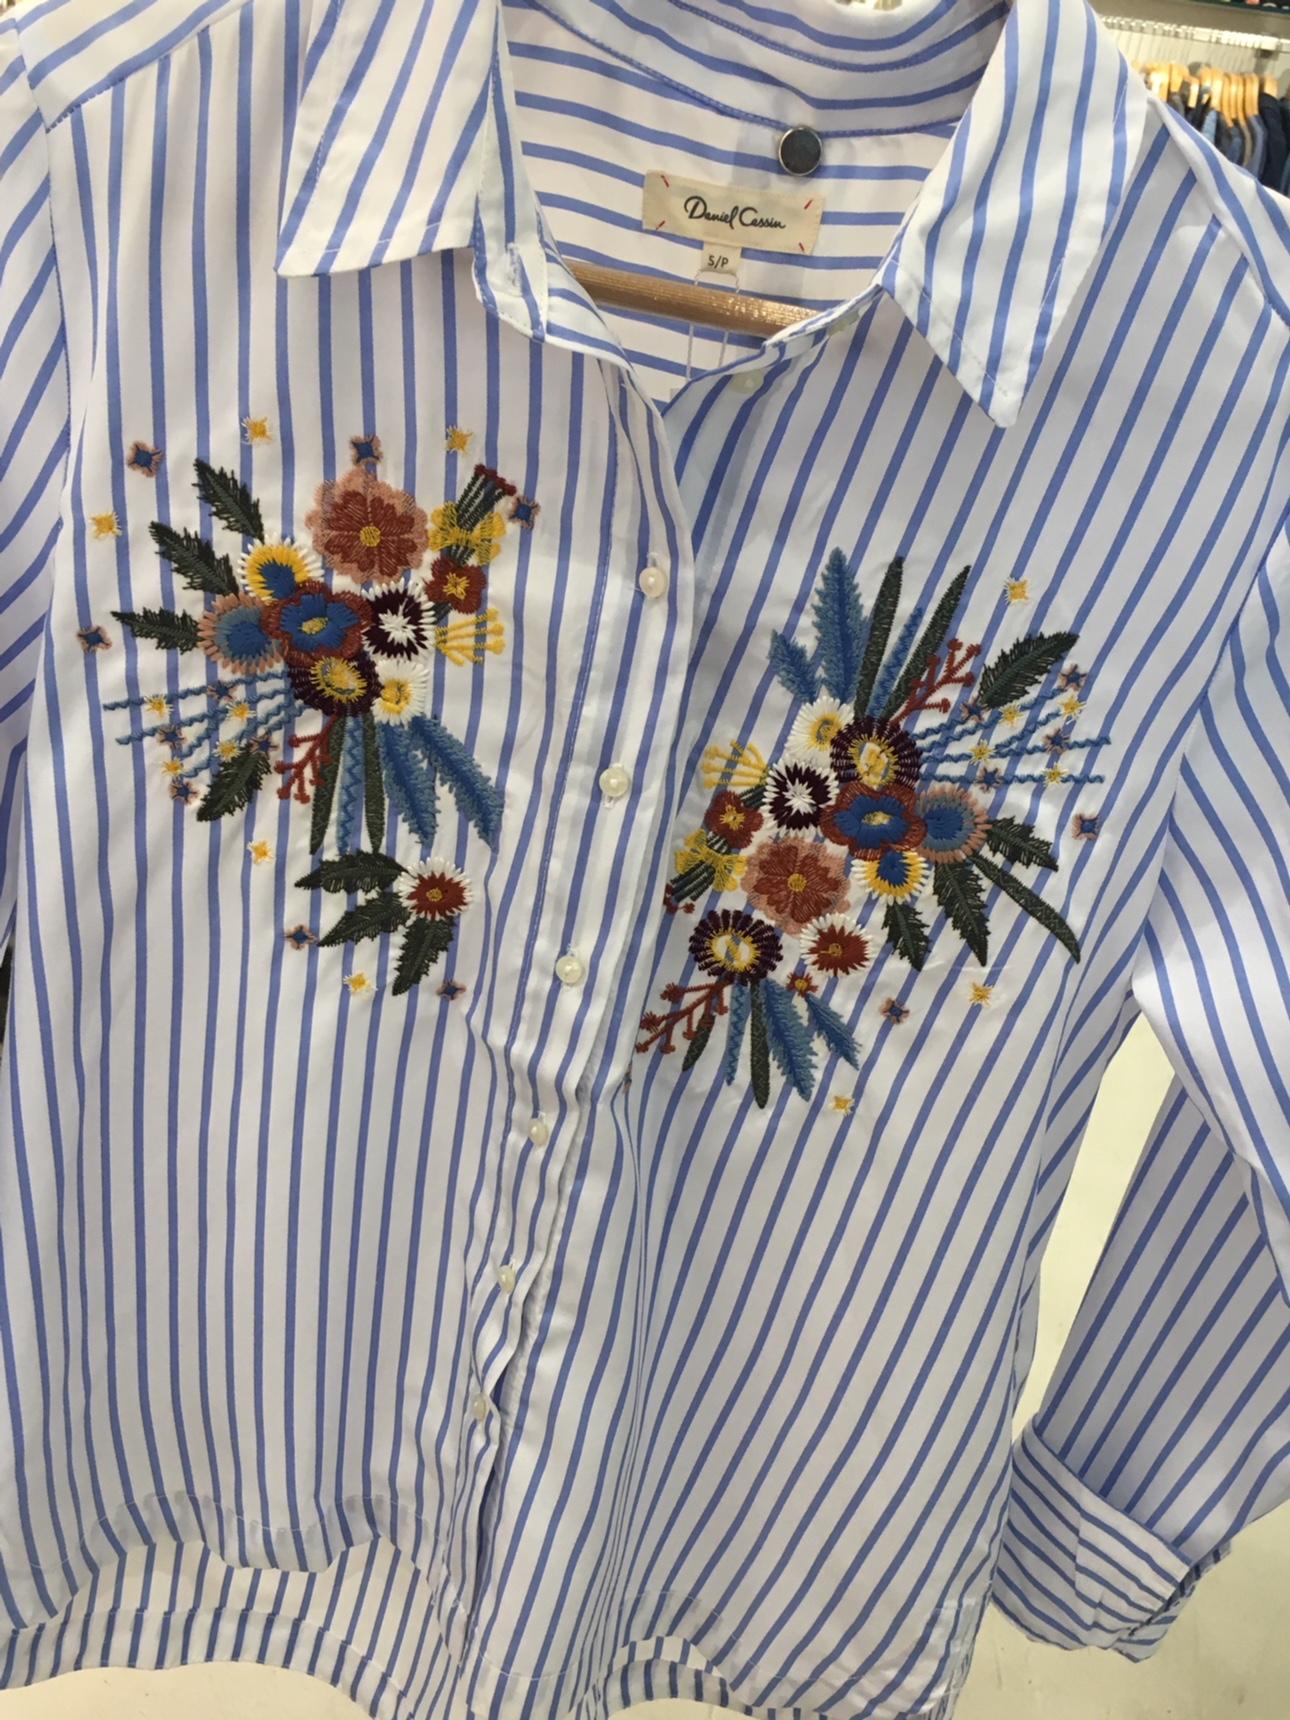 dc-40-camisa-listra-flor